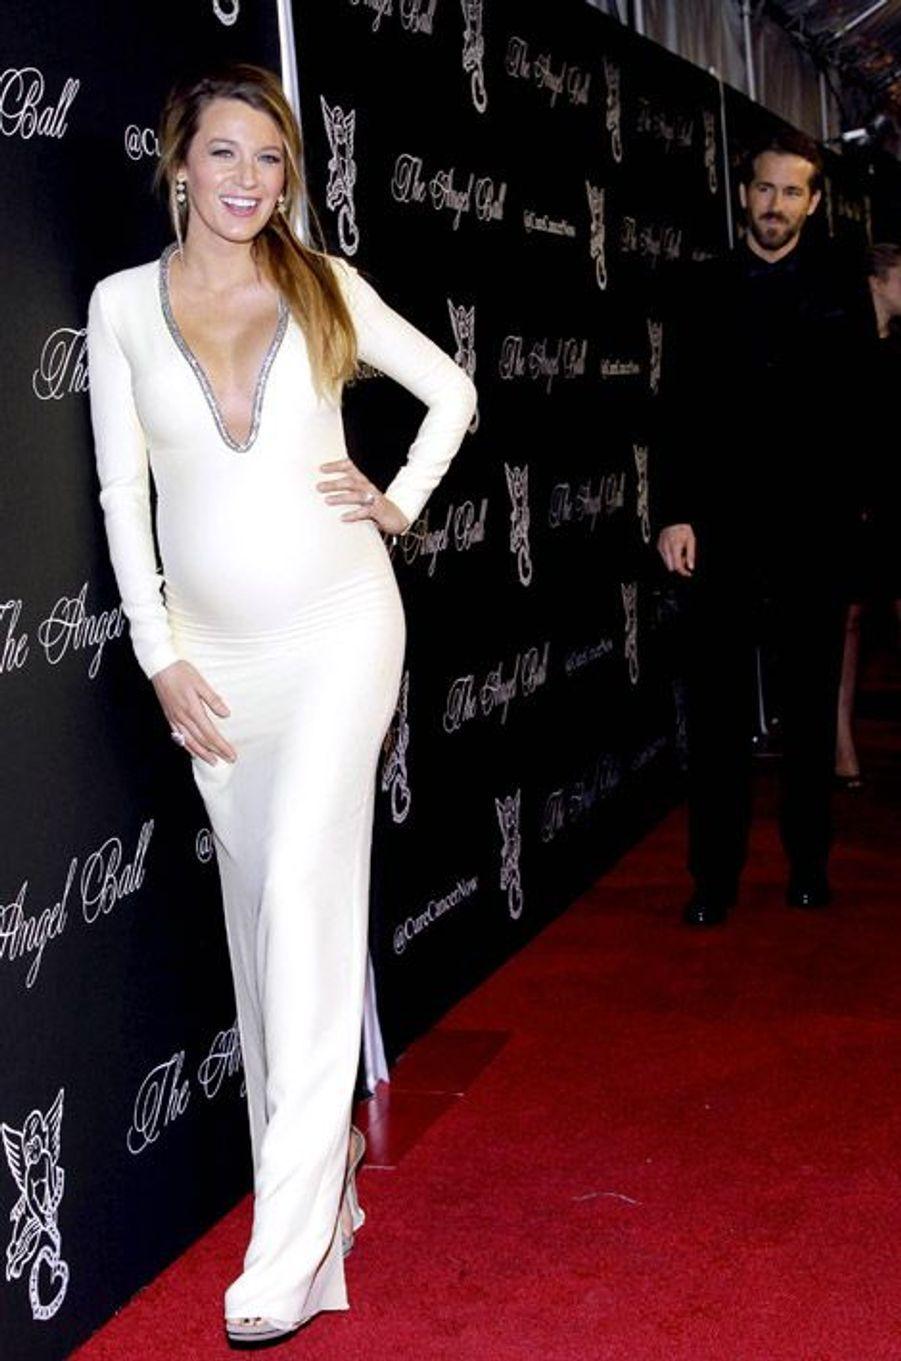 L'actrice Blake Lively en Gucci Première et son mari, Ryan Reynolds, lors d'un gala de charité le 20 octobre 2014